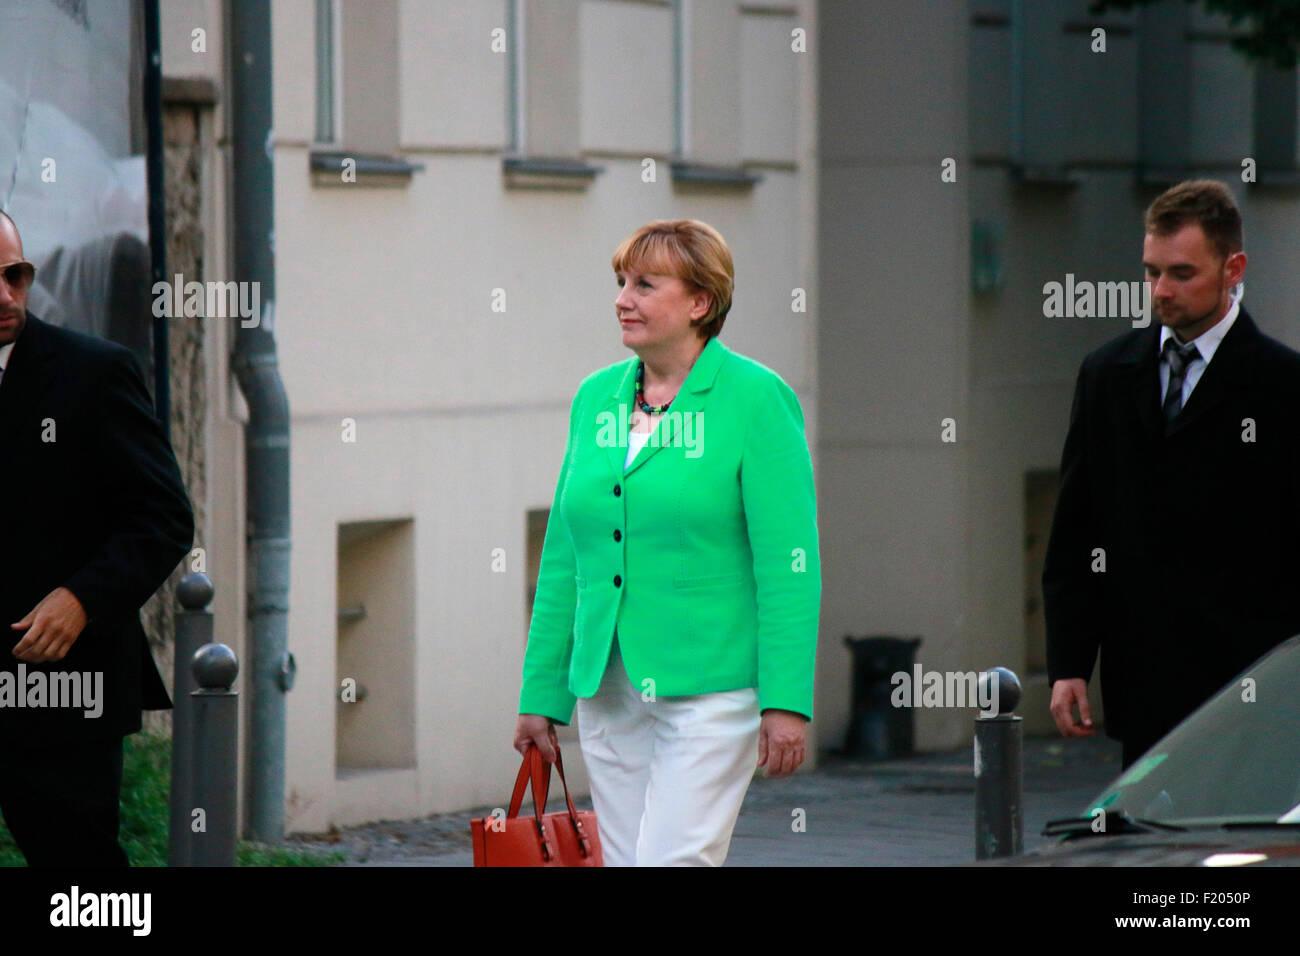 eine Schauspielerin, die die deutsche BKin Angela Merkel darstellen soll, Strassenszene, 30. August 2015, Berlin. - Stock Image